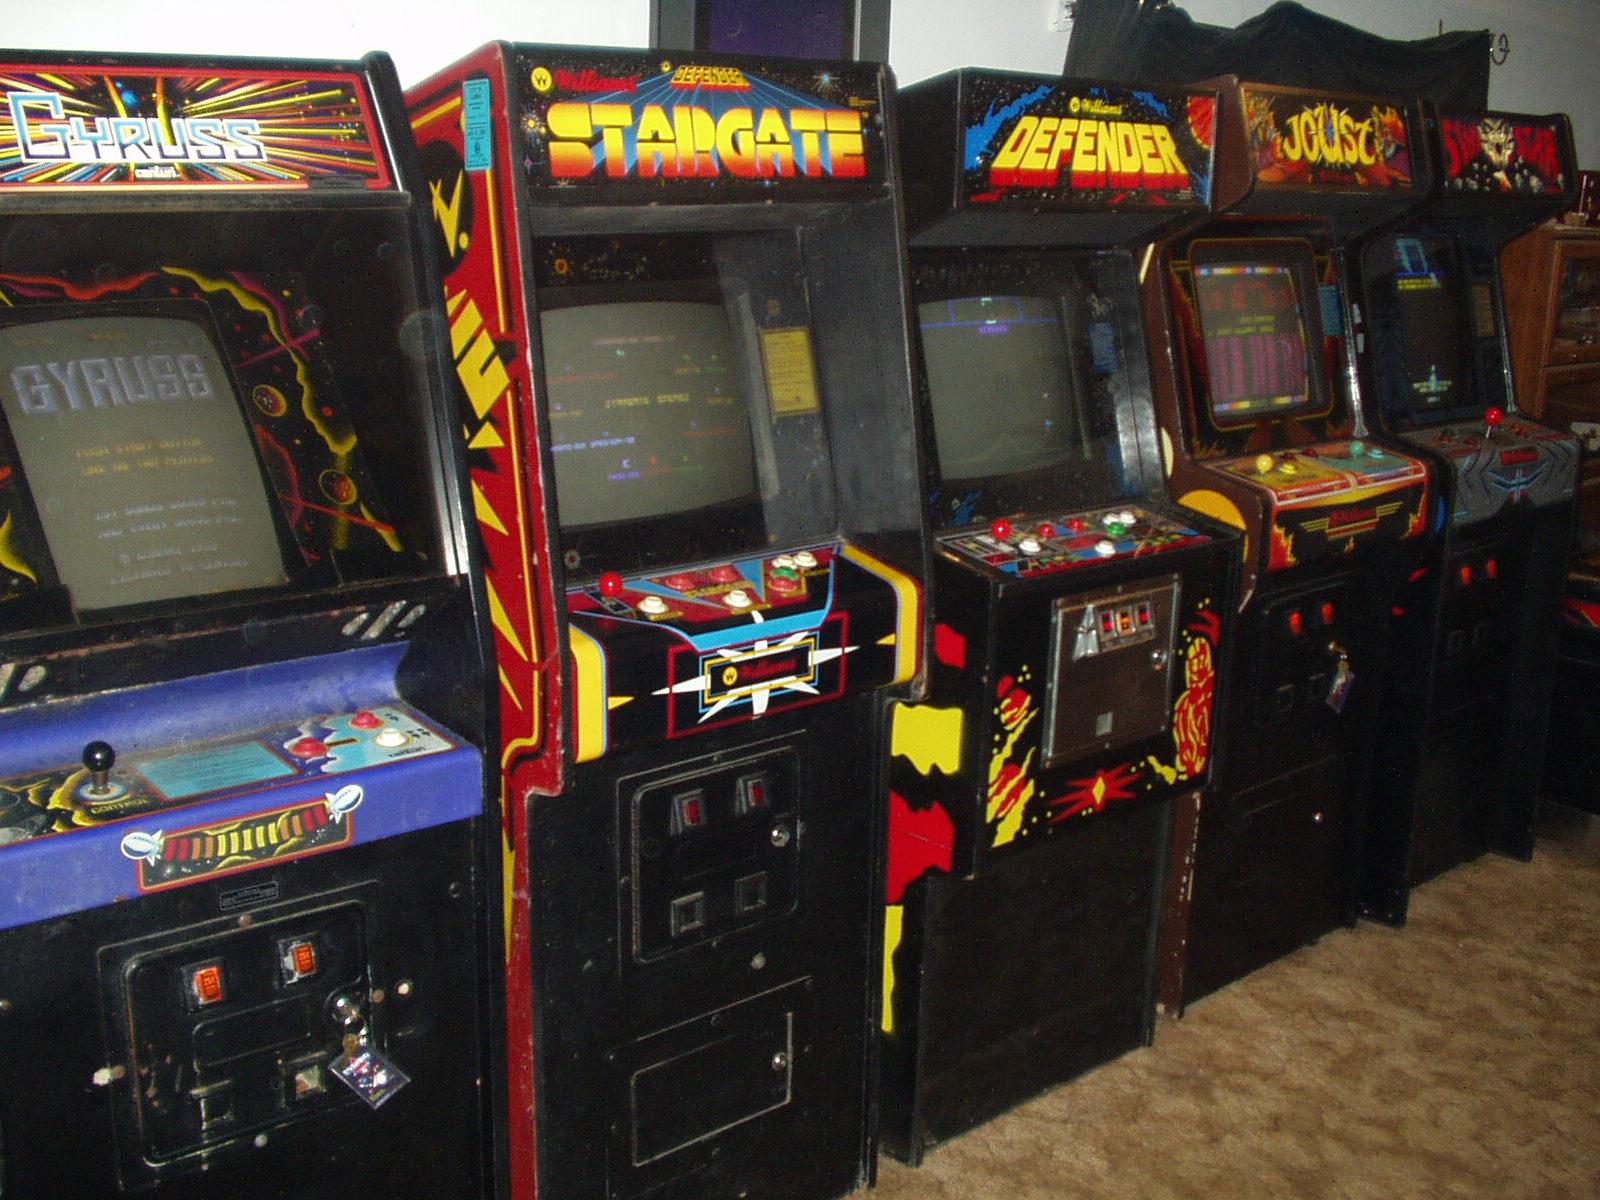 Beast Gaming casino lugares de apuestas deportivas - 22667